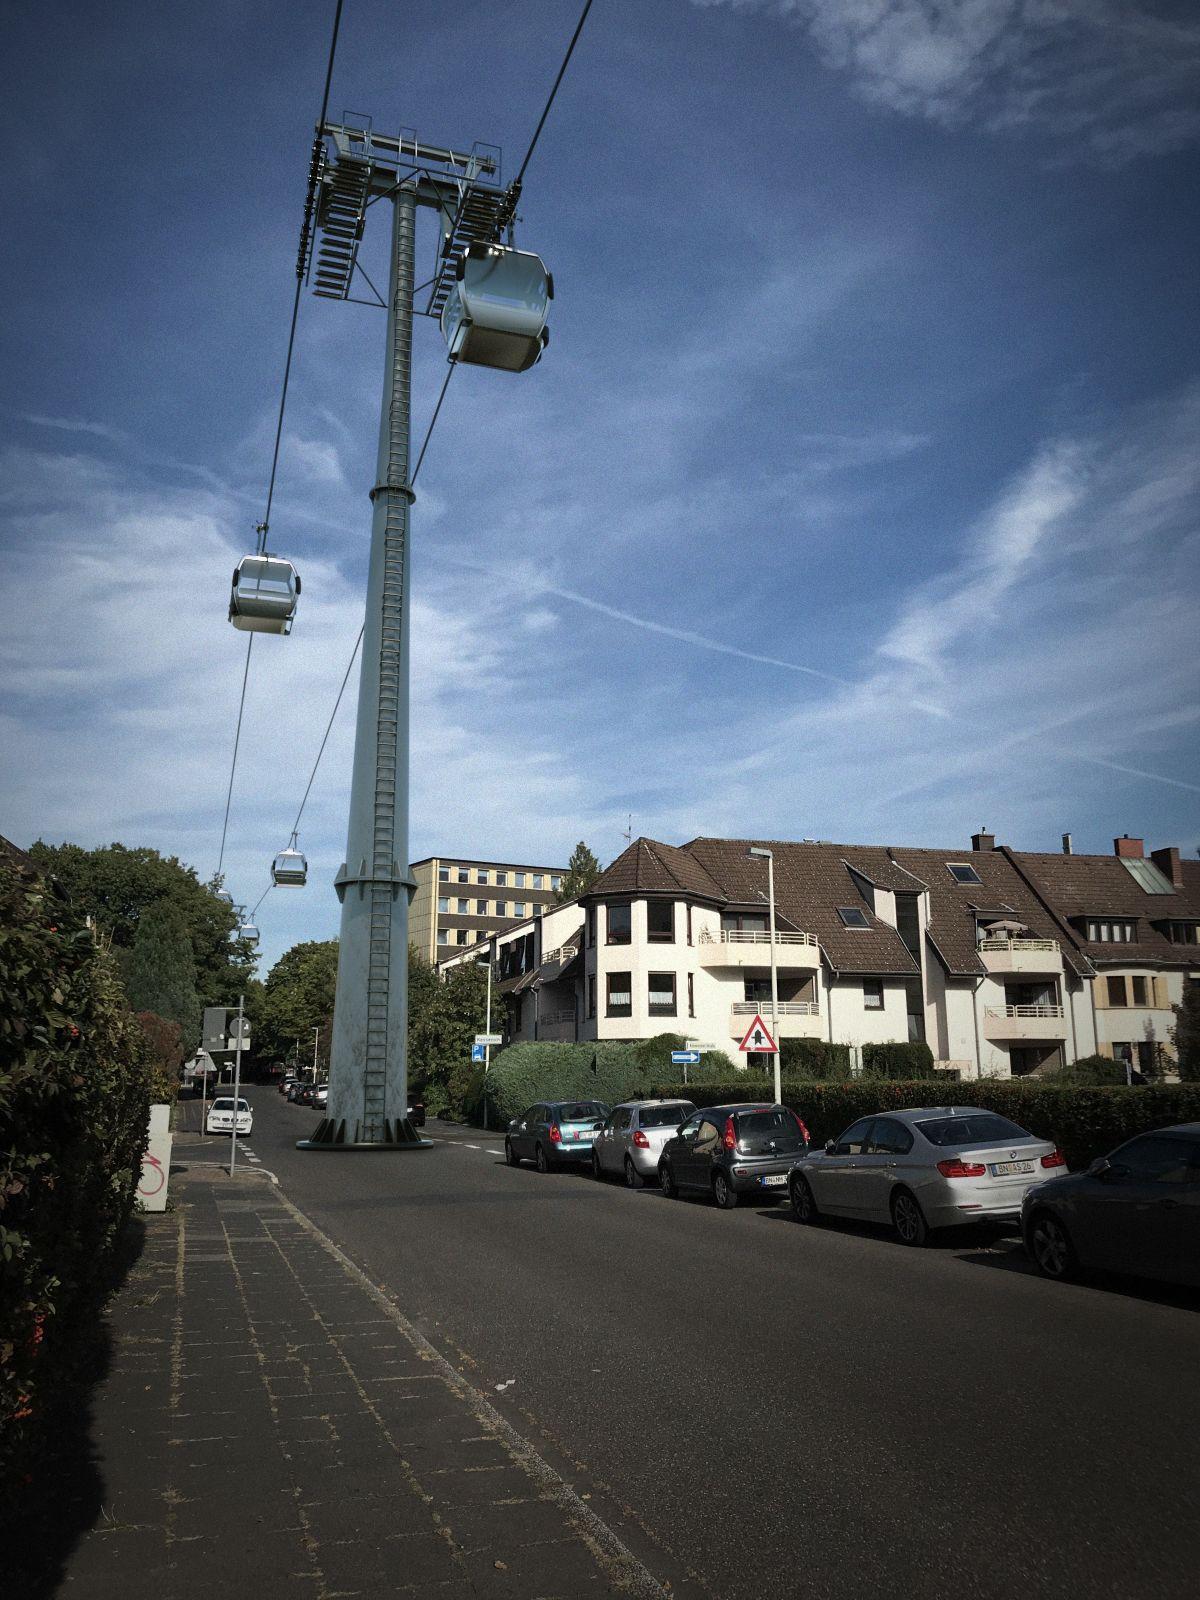 Stütze mitten in der Hermann-Milde-Straße/Urstadtstraße.